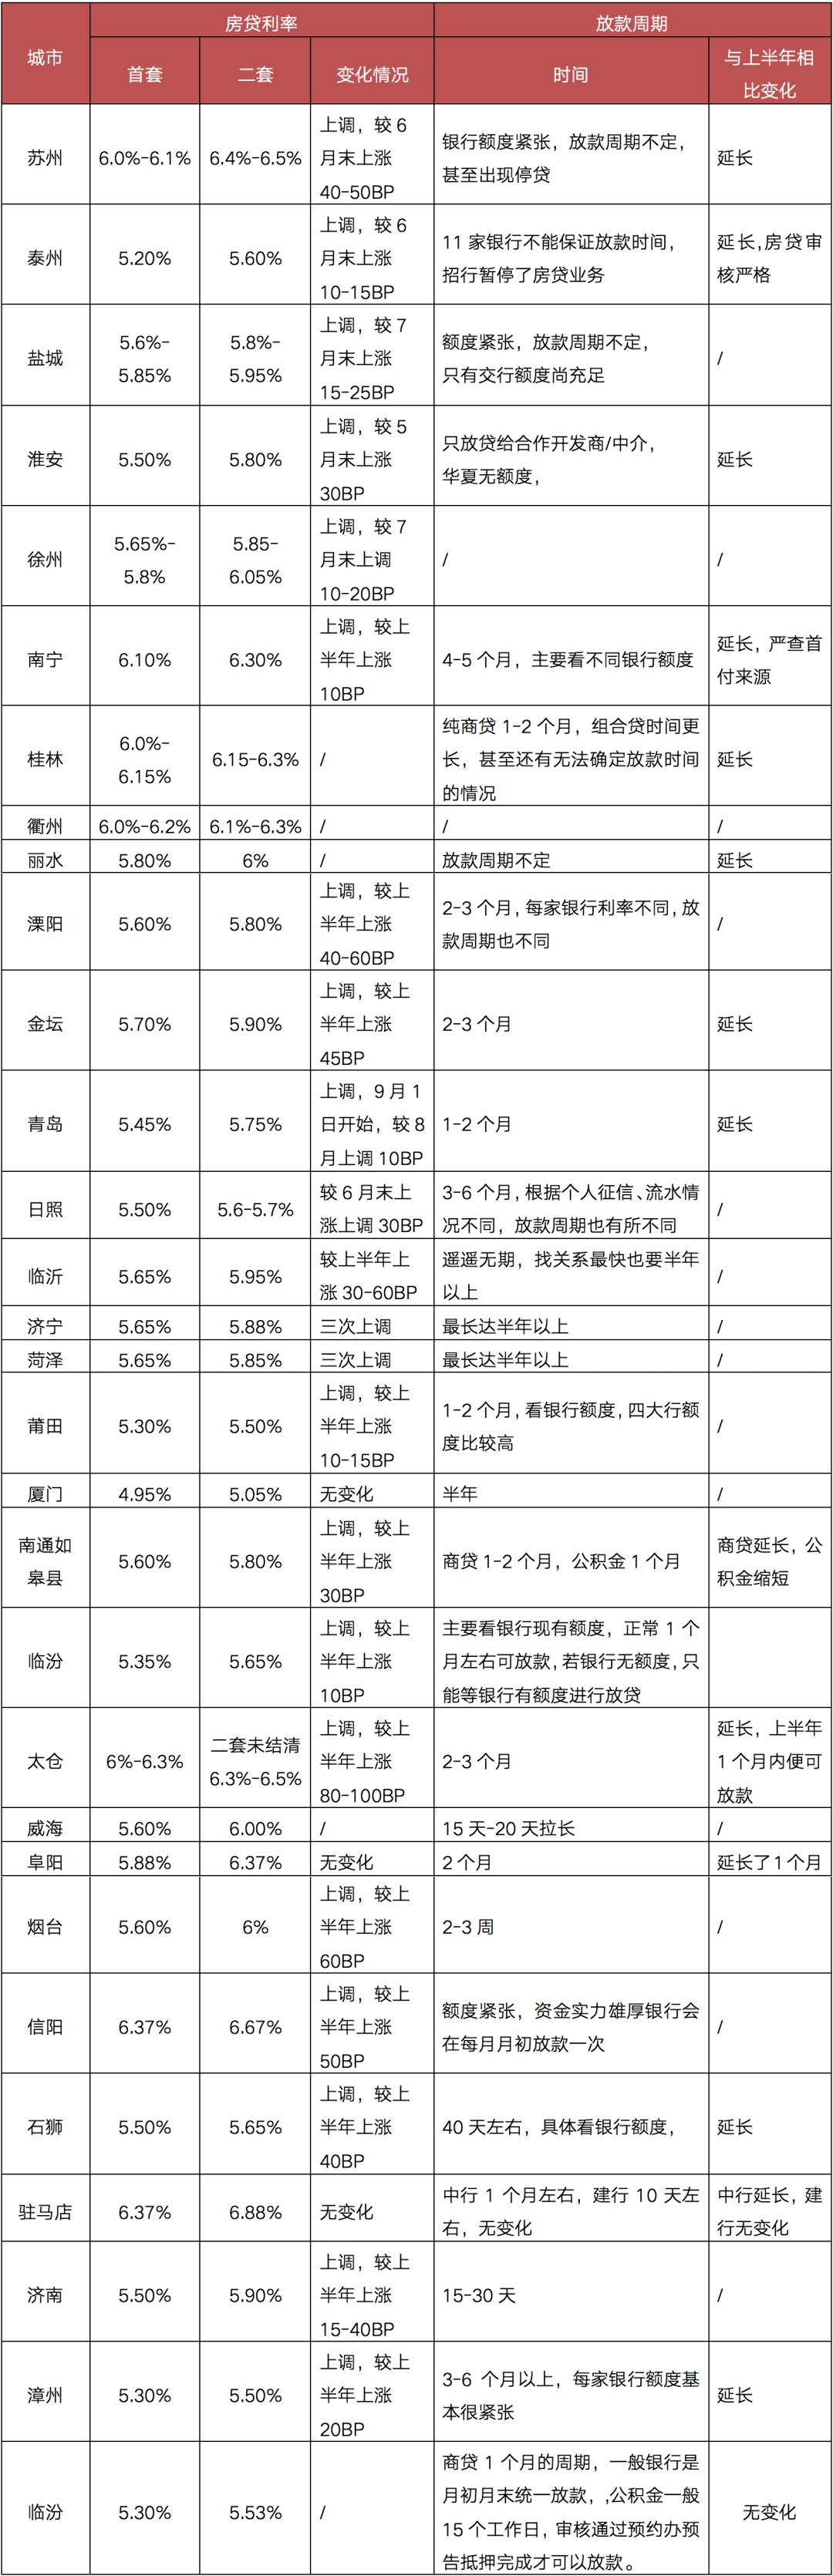 数据来源:CRIC调研